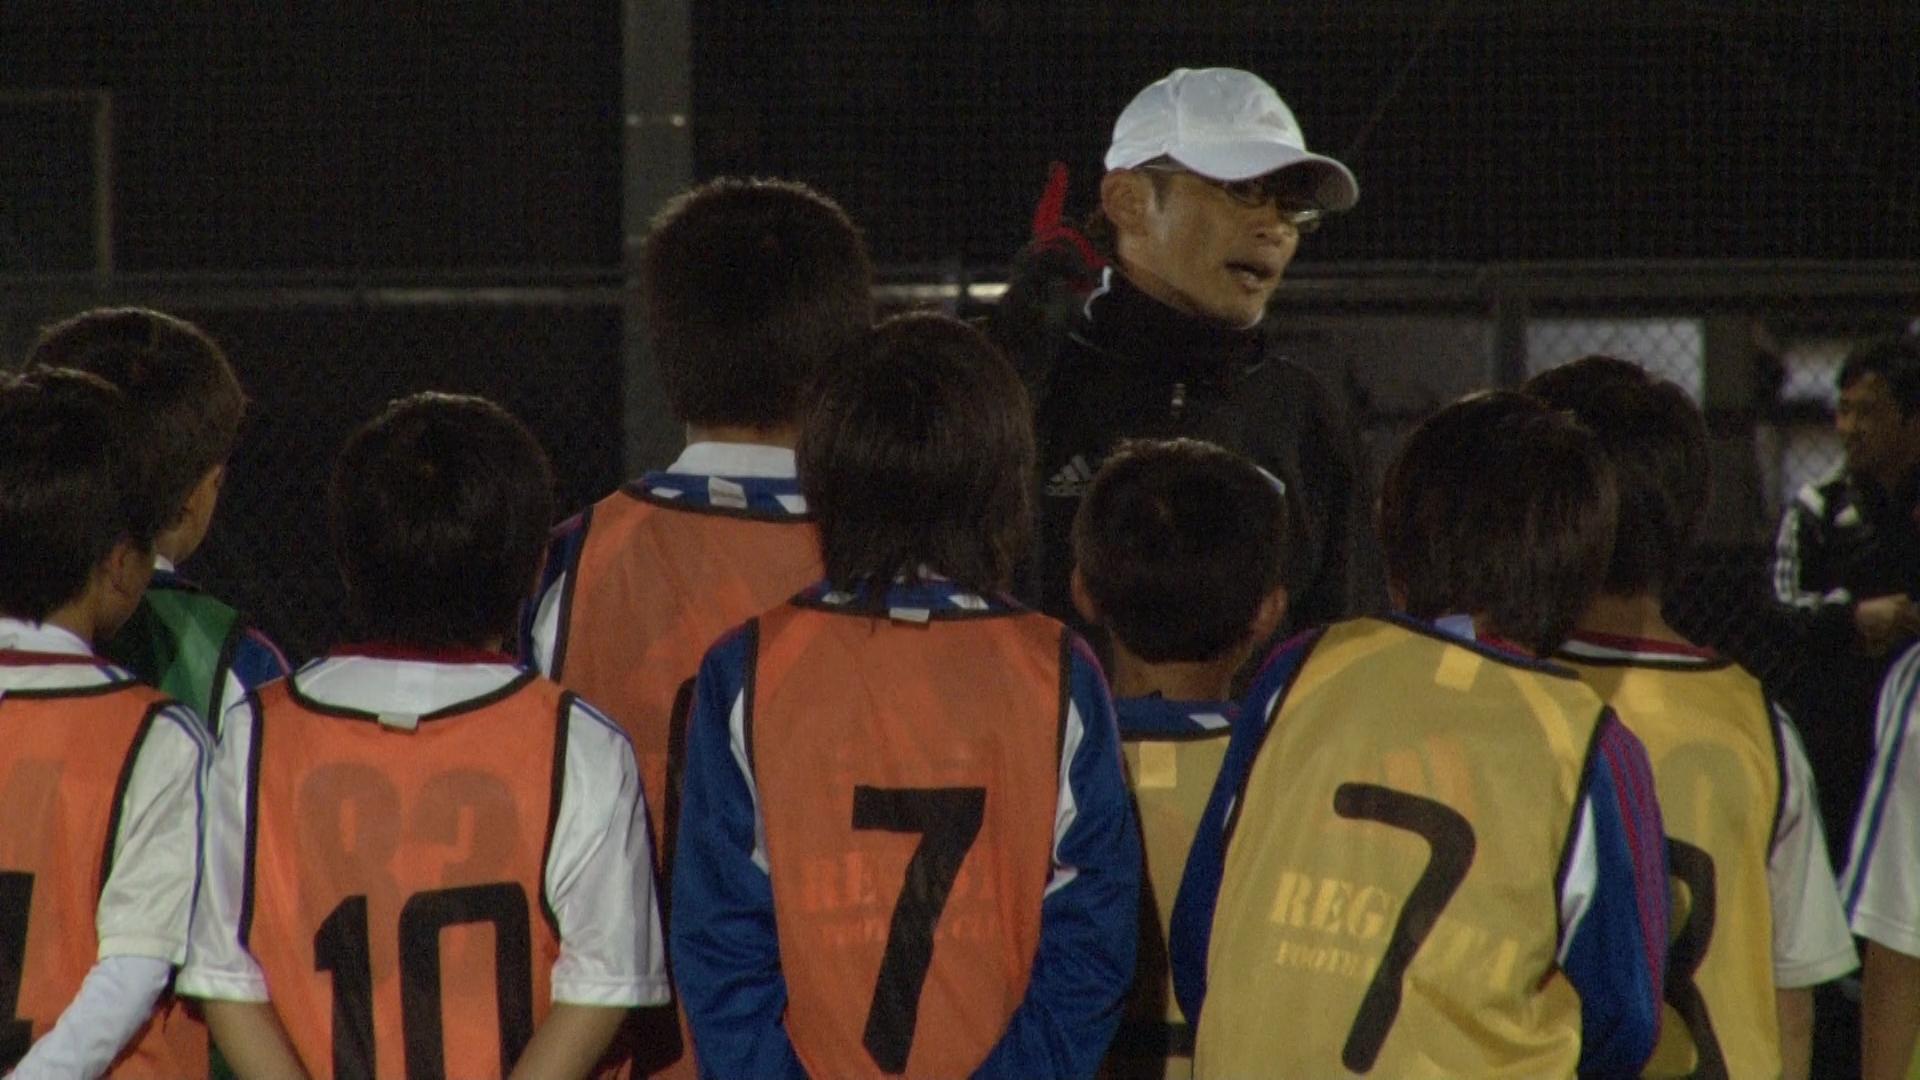 http://coachunited.jp/images/Nakajyo_j3-10.jpg